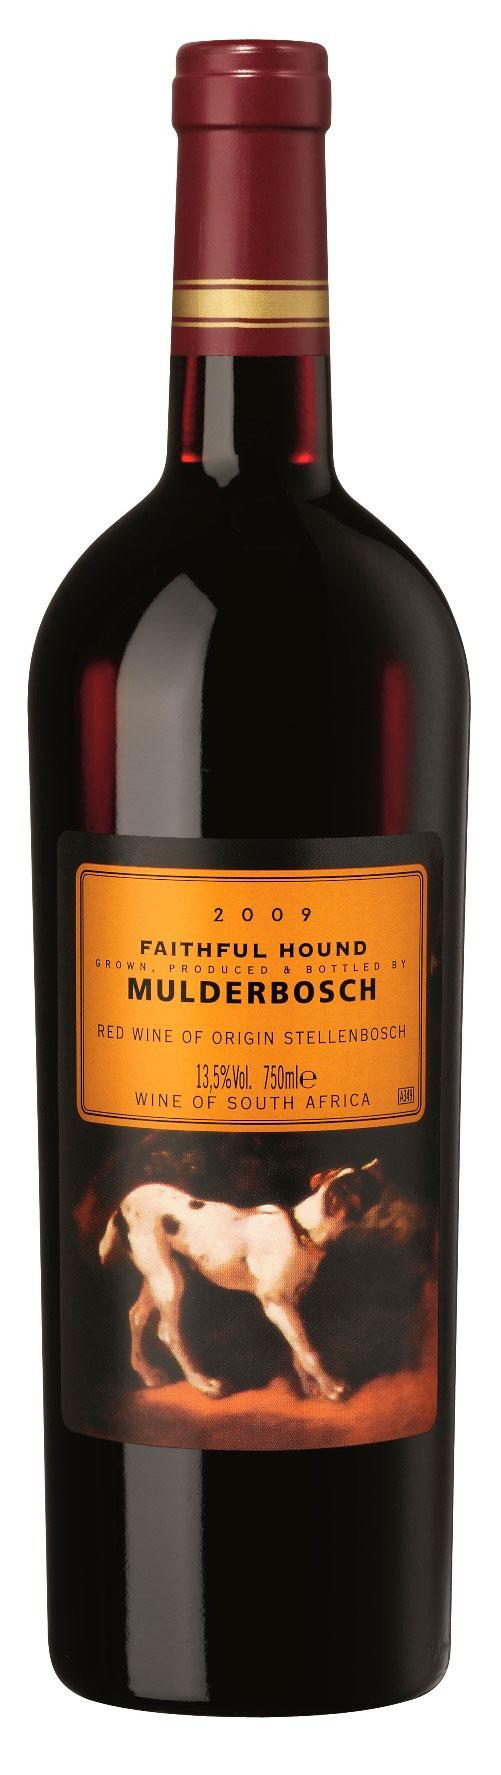 Mulderbosch Faithful Hound 2012